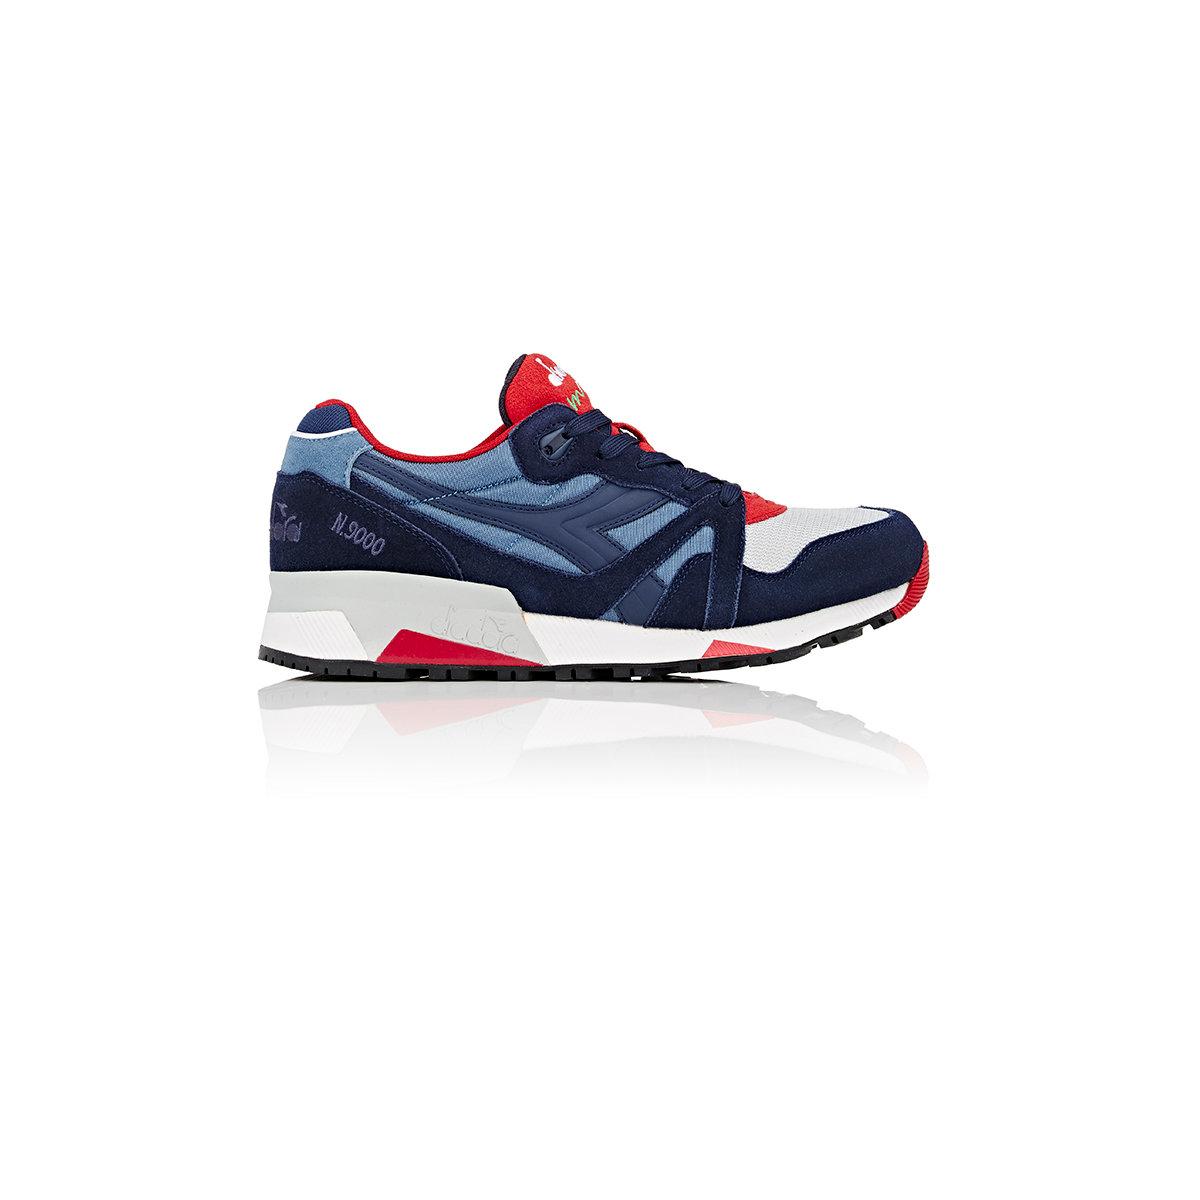 diadora sneakers - photo #9